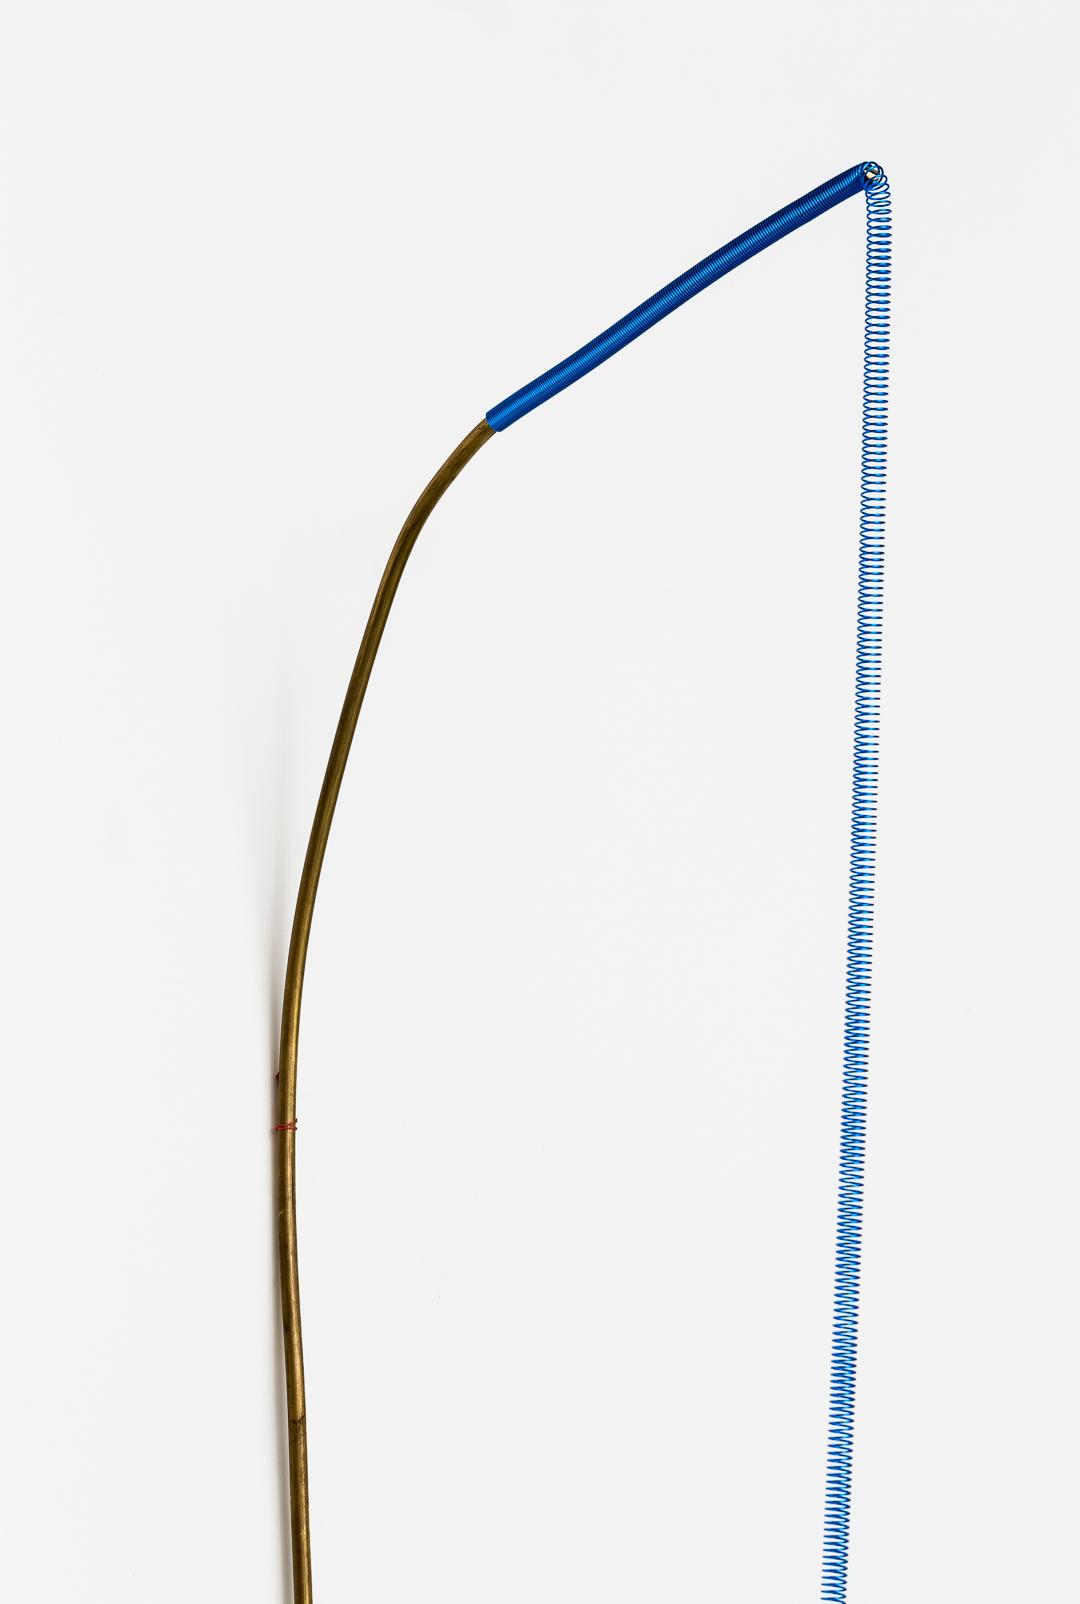 Rhythm Stick